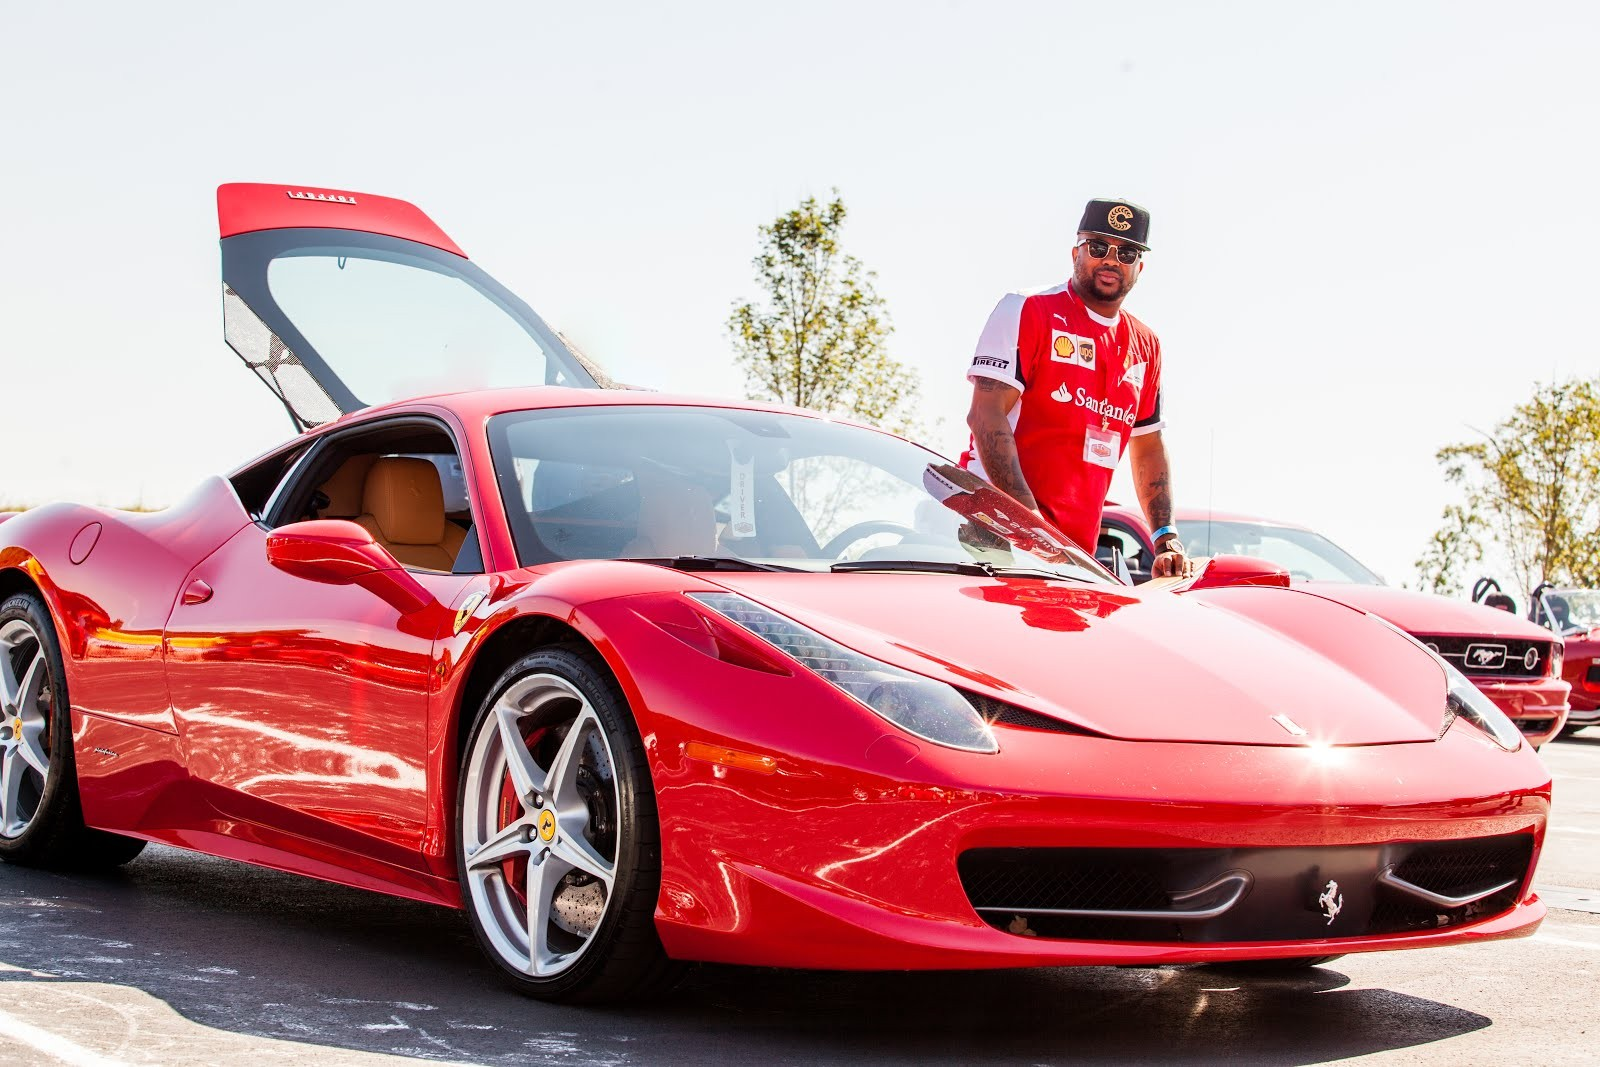 Ferrari Maserati of Atlanta 10th Annual Rides to Remember Private Charity Event